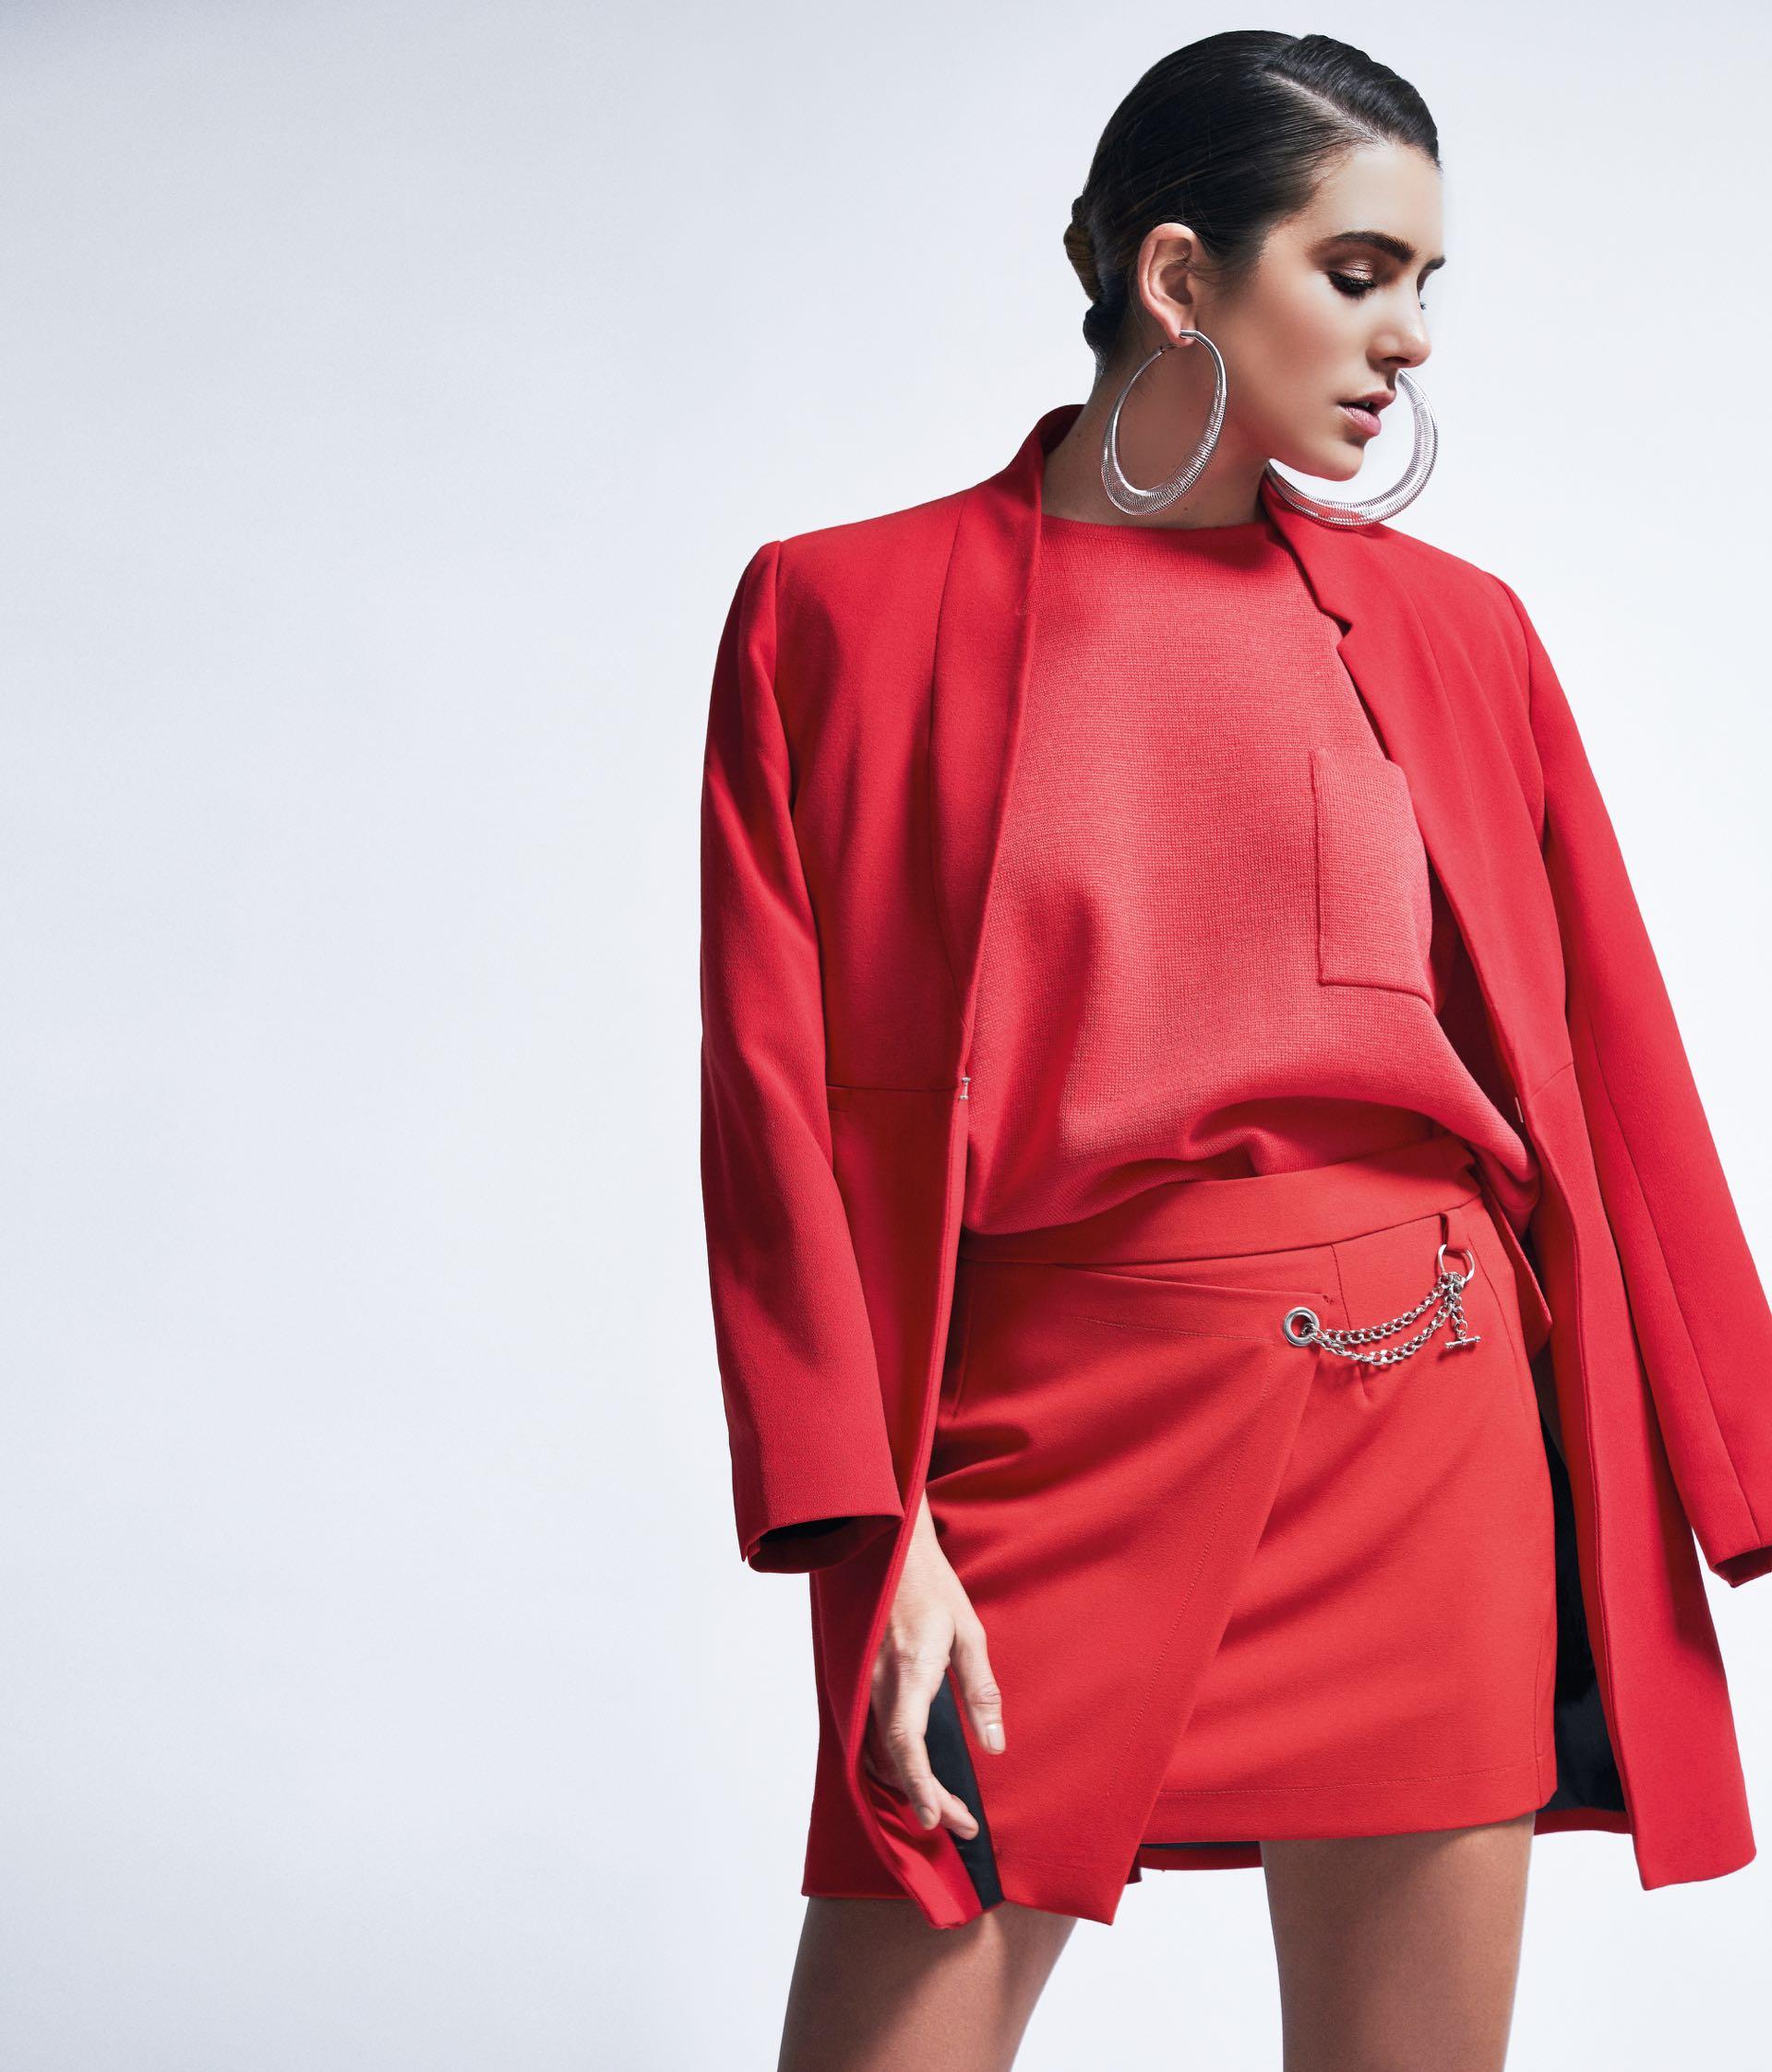 Suéter de hilo ($ 2.090, Gúsman), falda cruzada con cadena ($ 950, Ríe), blazer ($ 1.690, Basement) y aros plateados ($ 890, Luna Garzón).(Foto: Chino Toccalino/ Para Ti)